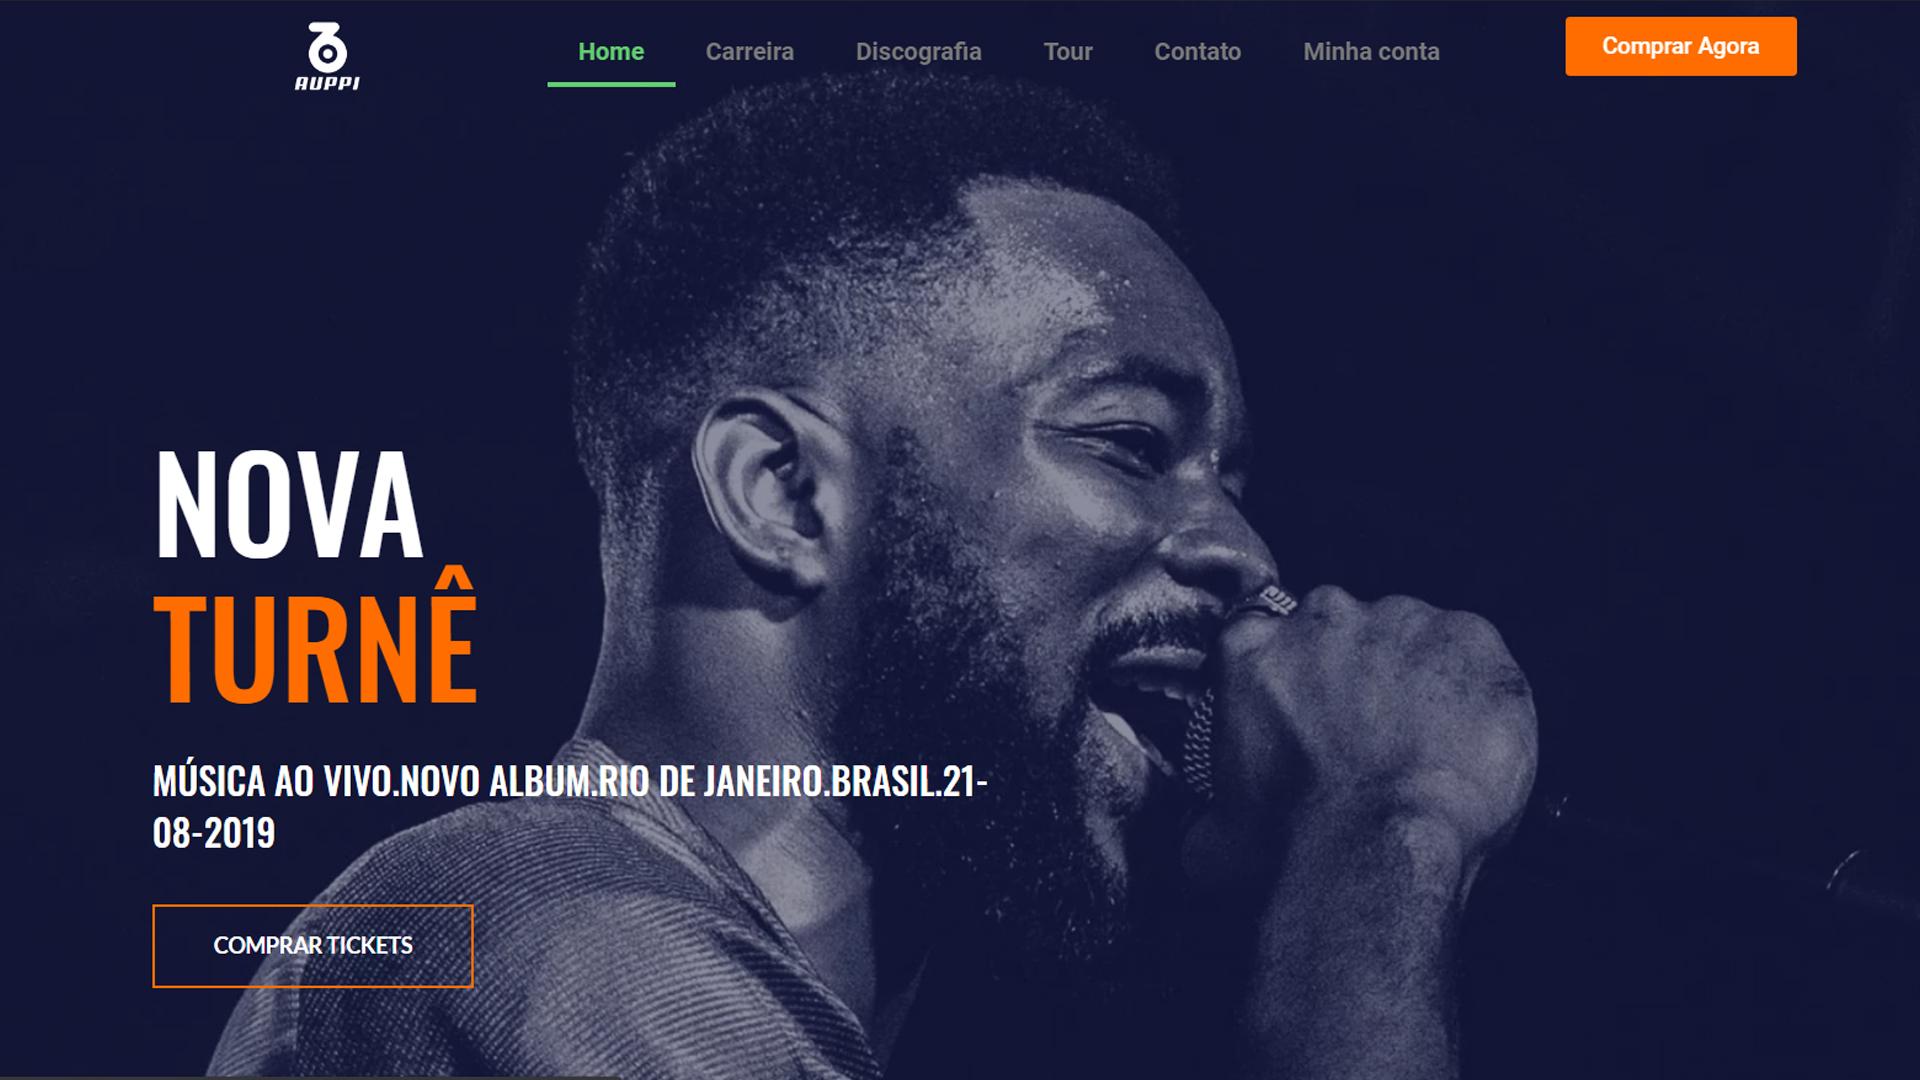 portfolio criação de sites modelo musico